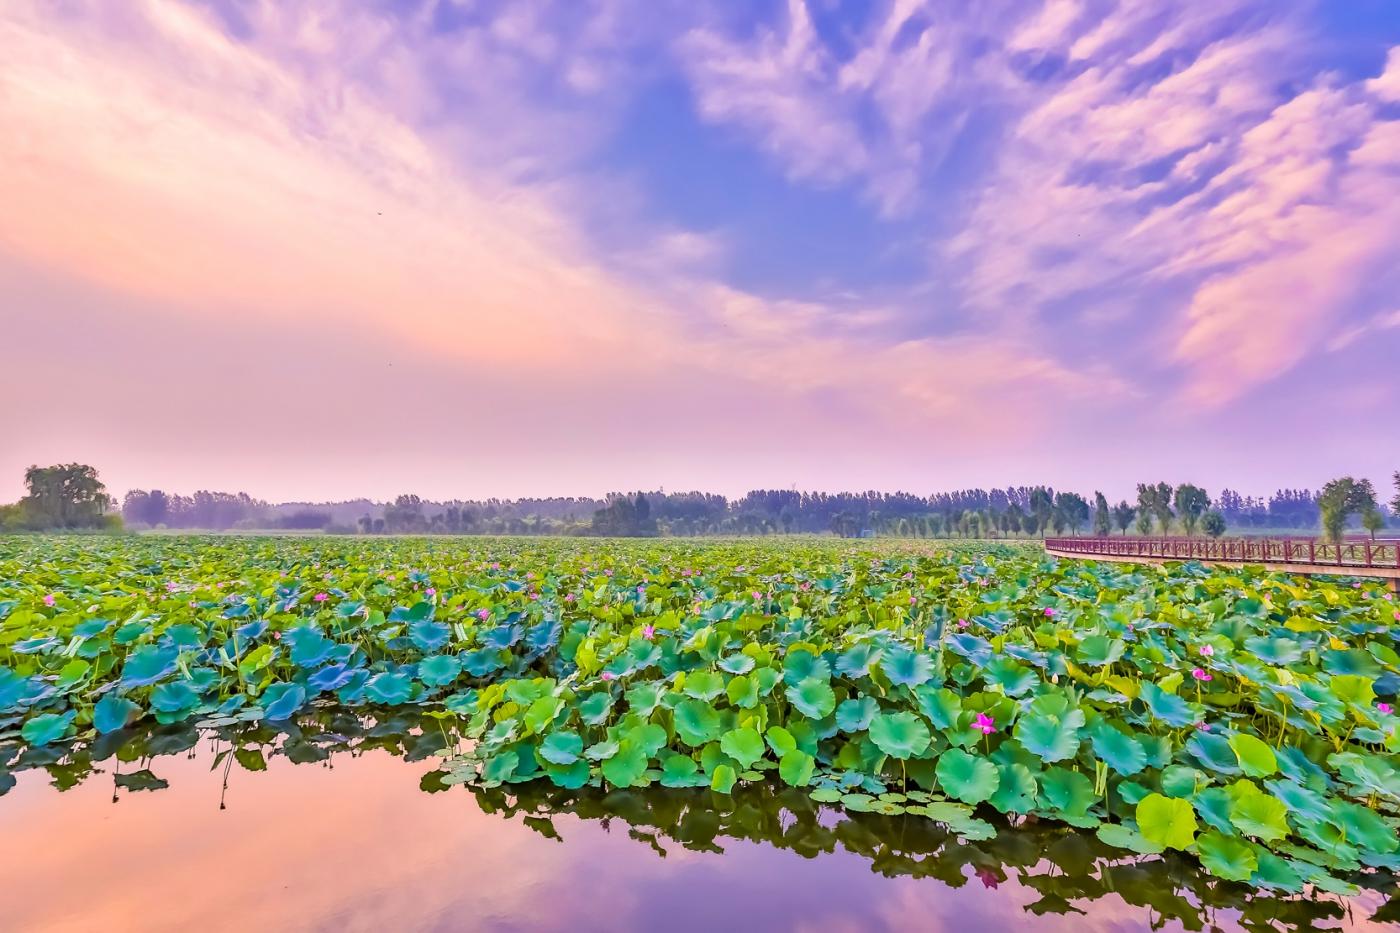 早晨的祥云印照下的临沂黄山武河湿地红荷园_图1-14